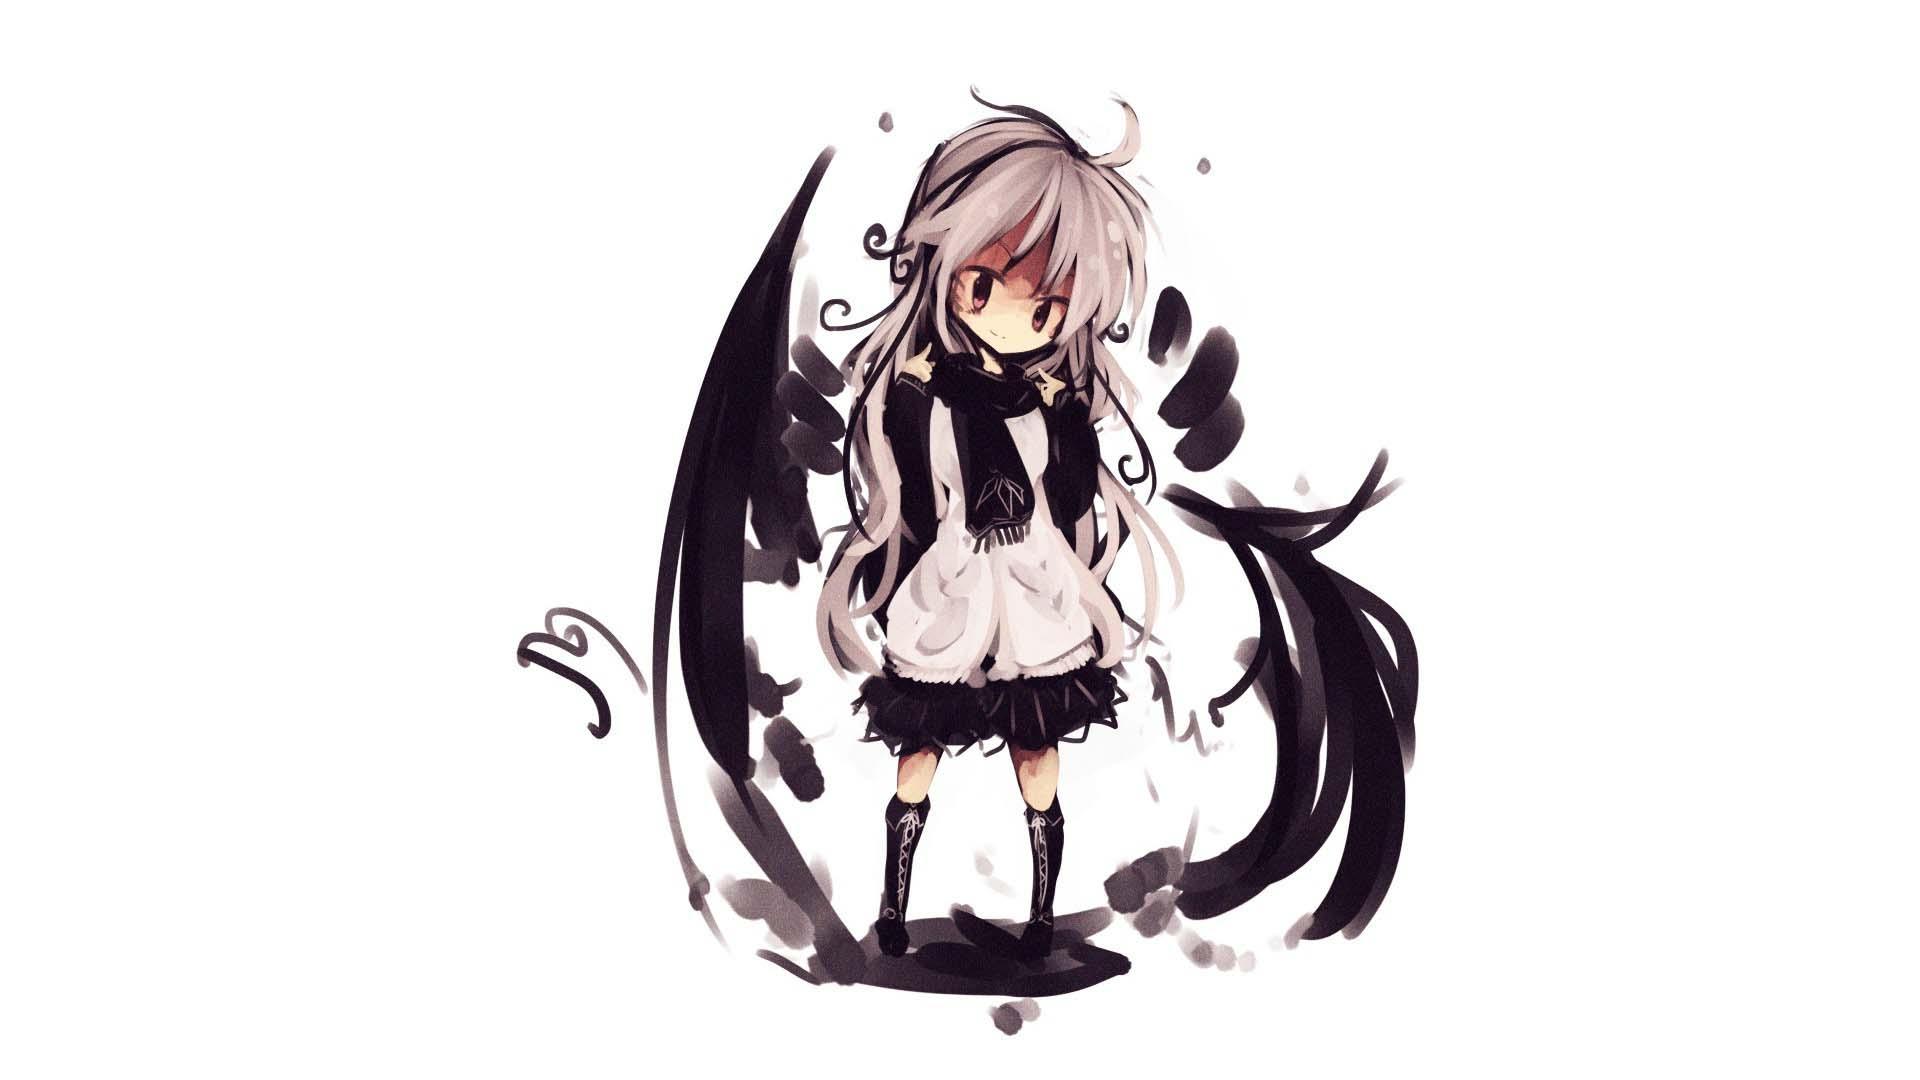 Hình anime nữ cô gái đáng yêu